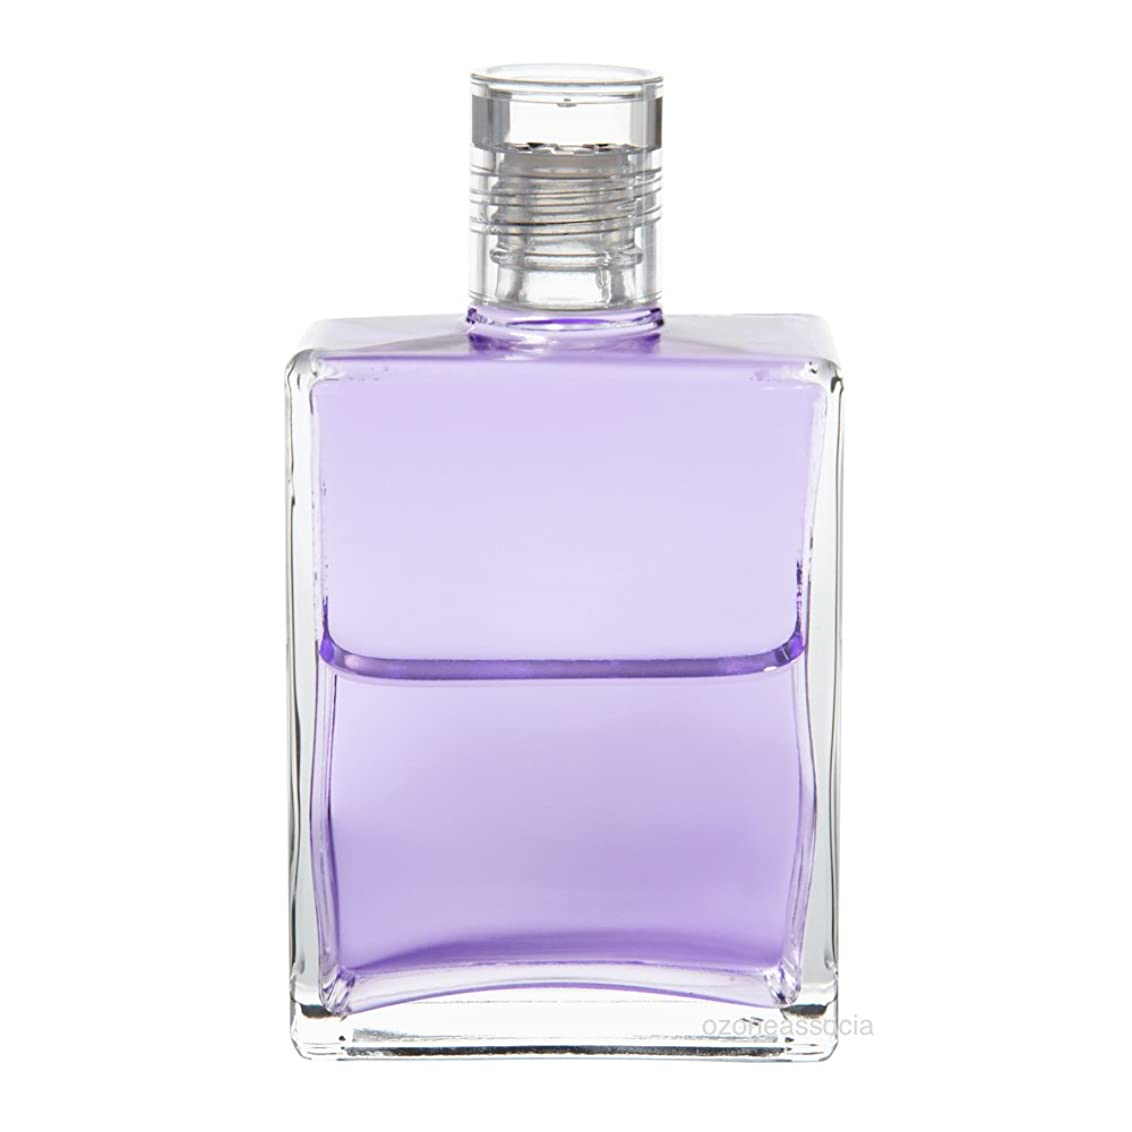 オーラソーマ ボトル 56番  サンジェルマン (ペールバイオレット/ペールバイオレット) イクイリブリアムボトル50ml Aurasoma